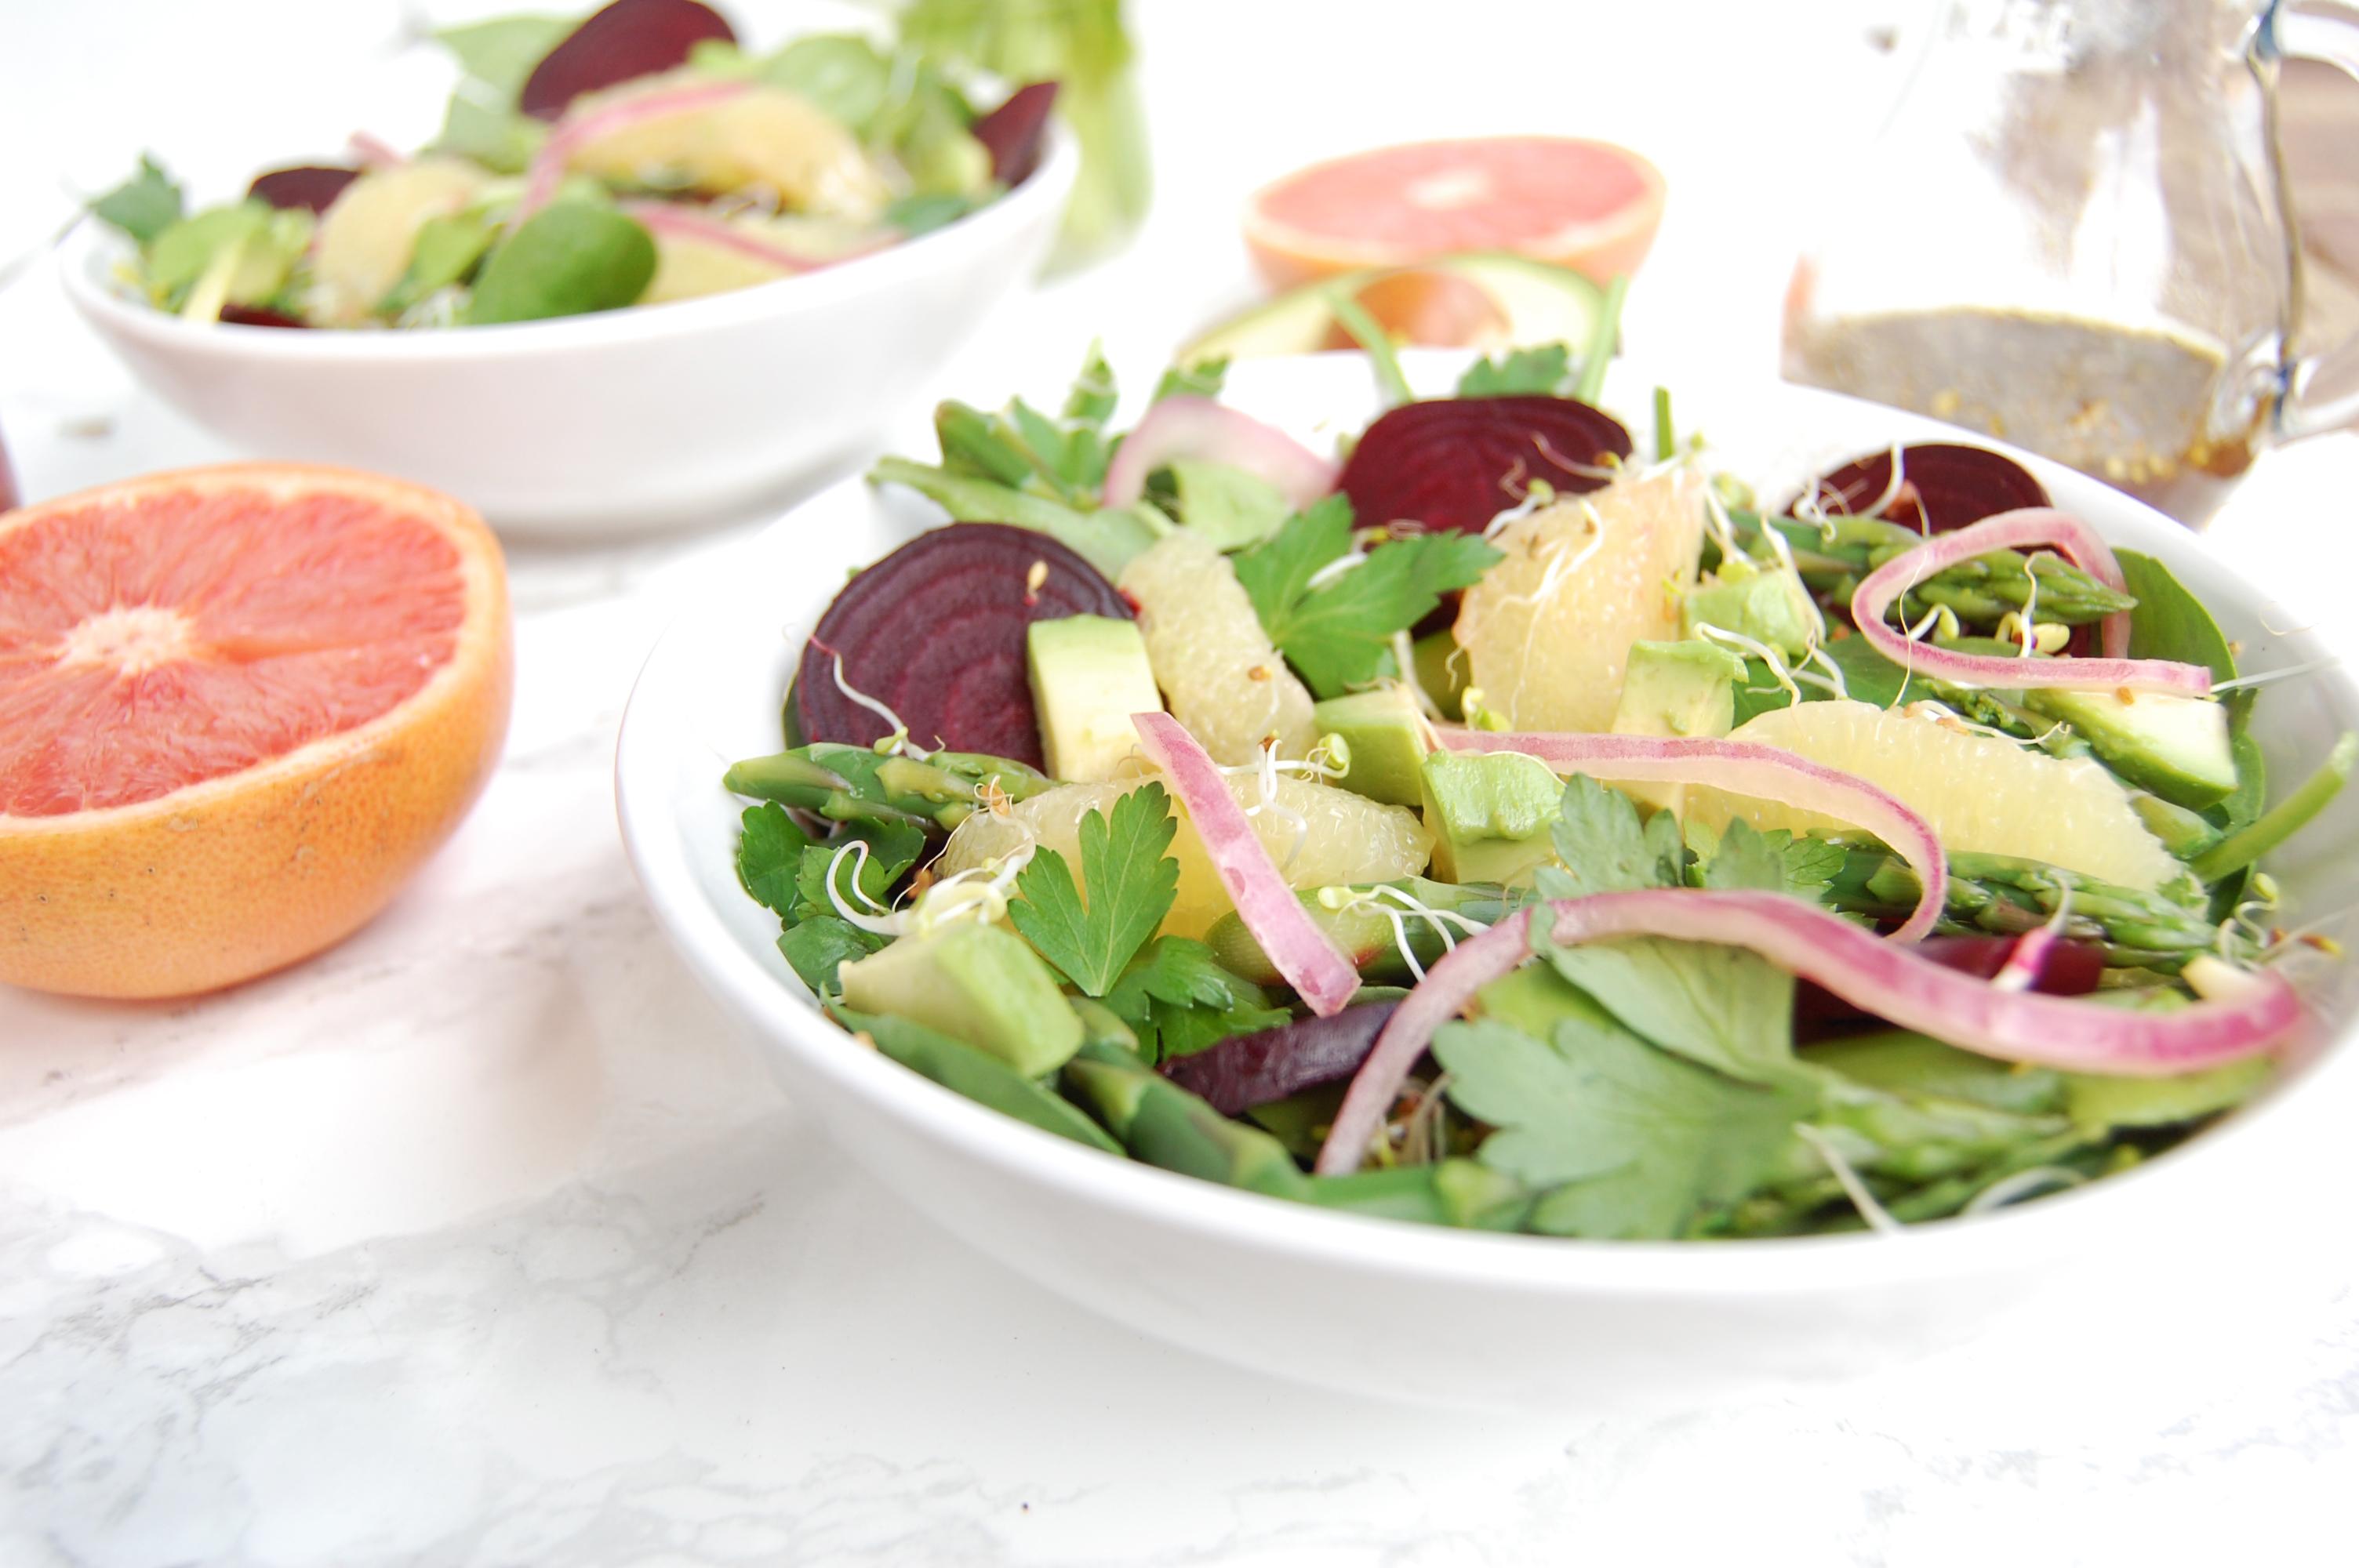 Beet, Asparagus, & Grapefruit Salad | AreYouKitchenMe.com